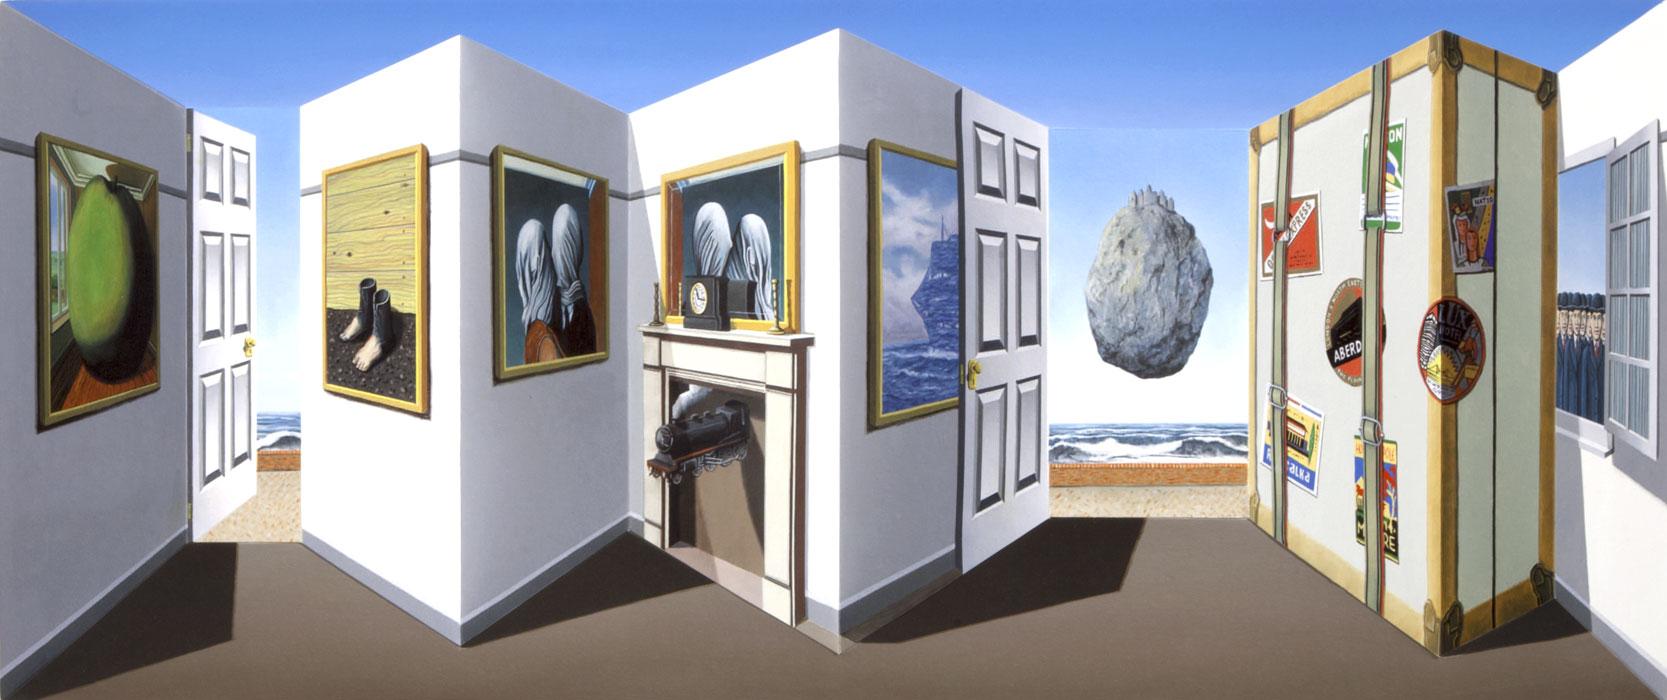 реверспективные картины, Патрик Хьюз, Patrick Hughes